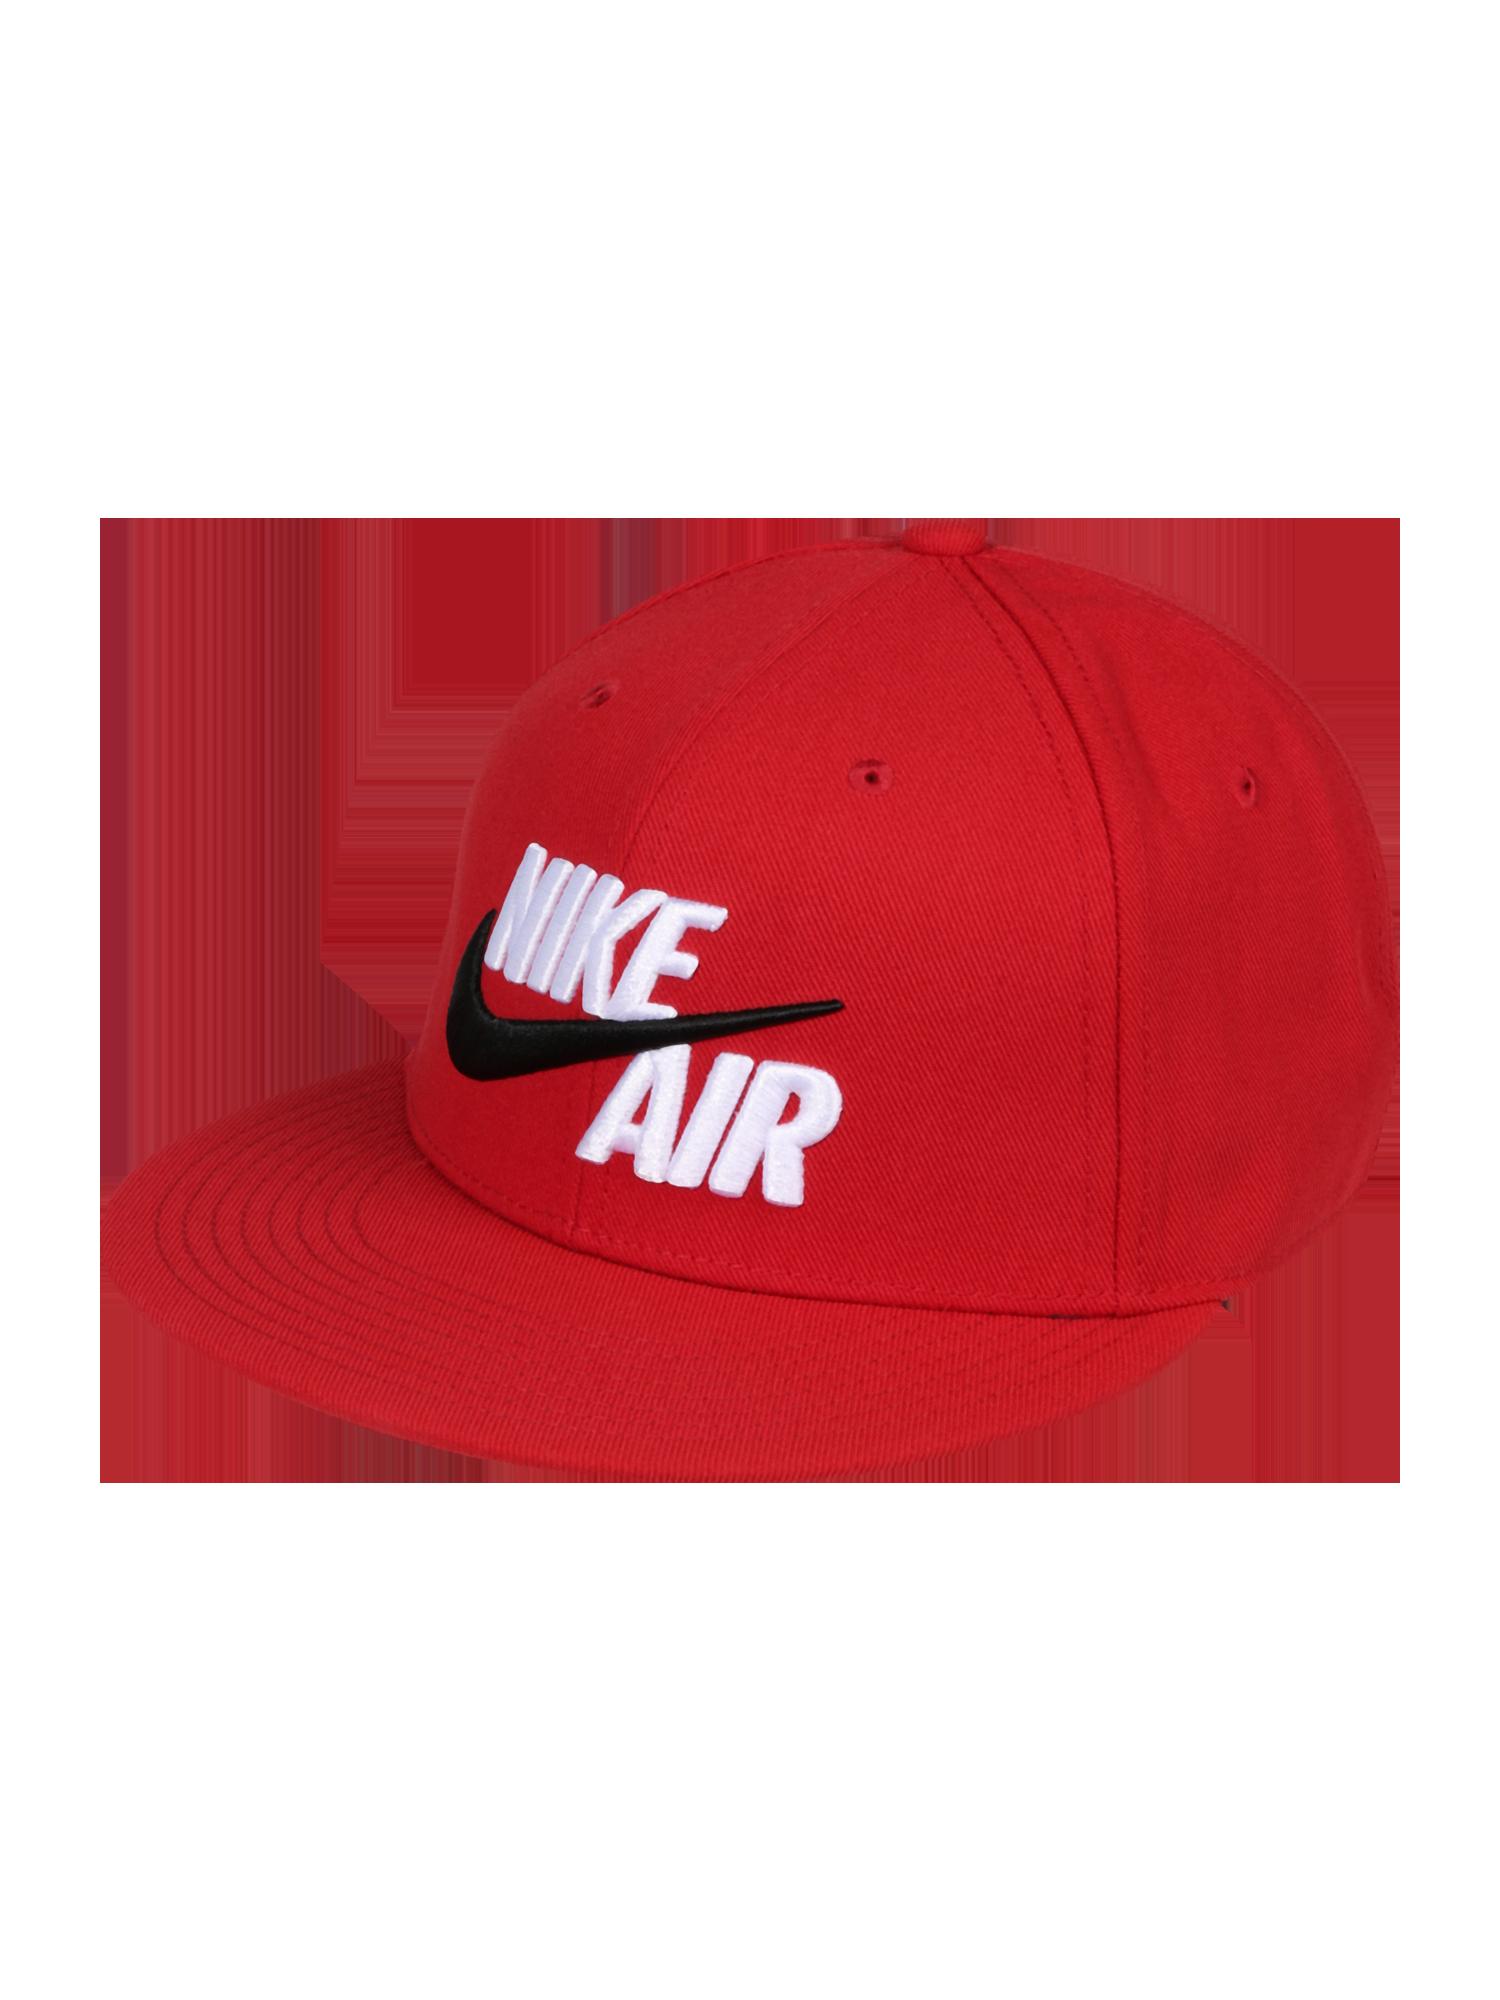 ... Kšiltovka  AIR TRUE CLASSIC  červená   černá   bílá. -43%. Nike  Sportswear ... 7b12ada36f